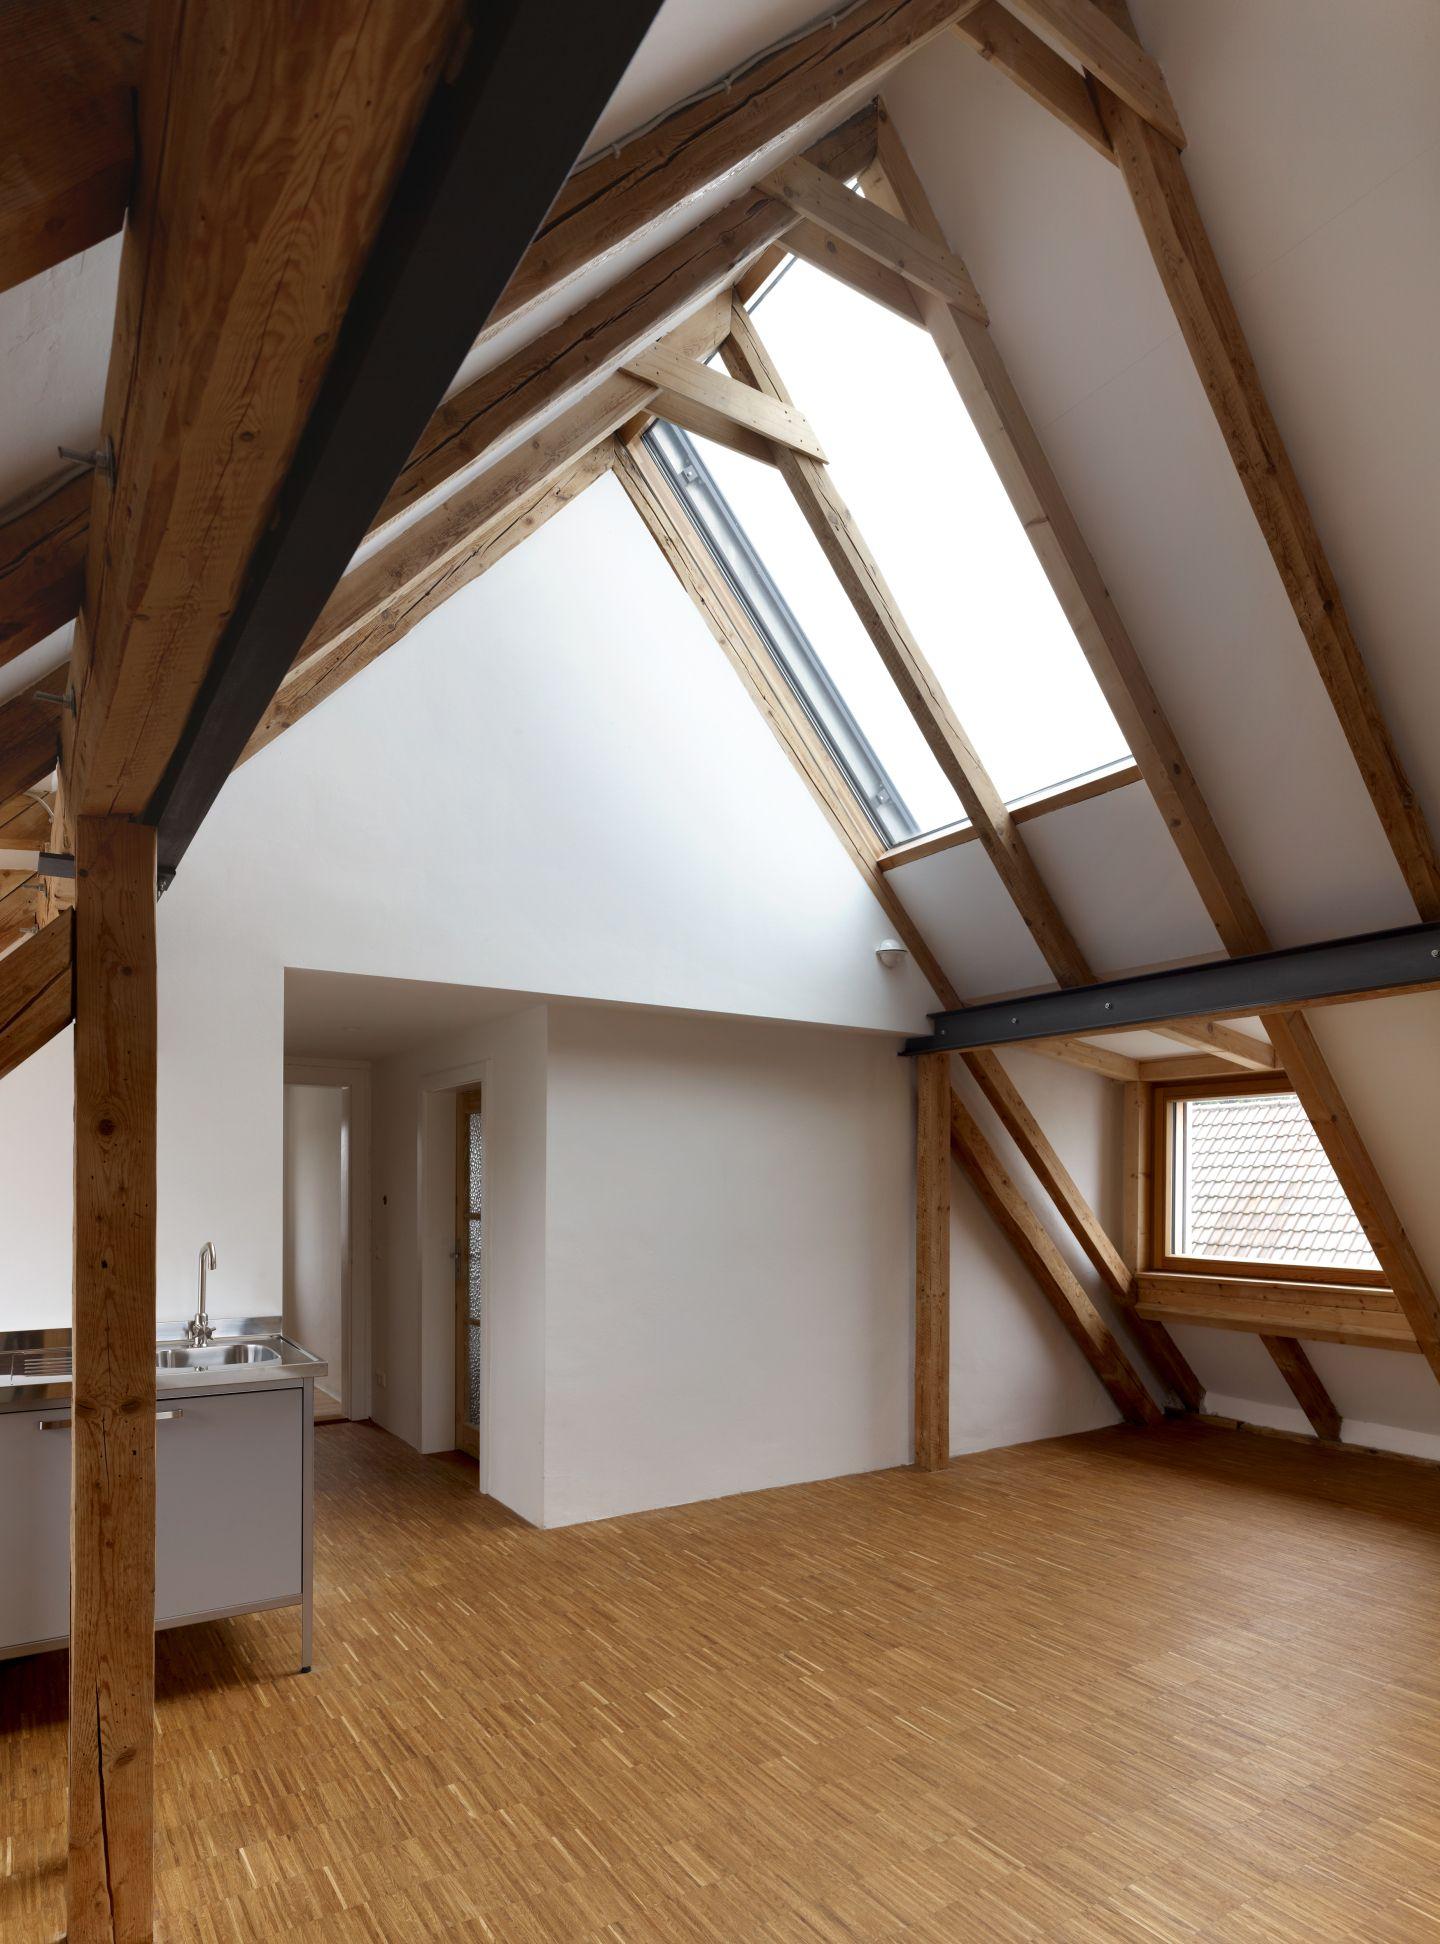 Wohnzimmer in gro z gigem dachgeschoss for Wohnzimmer dachgeschoss